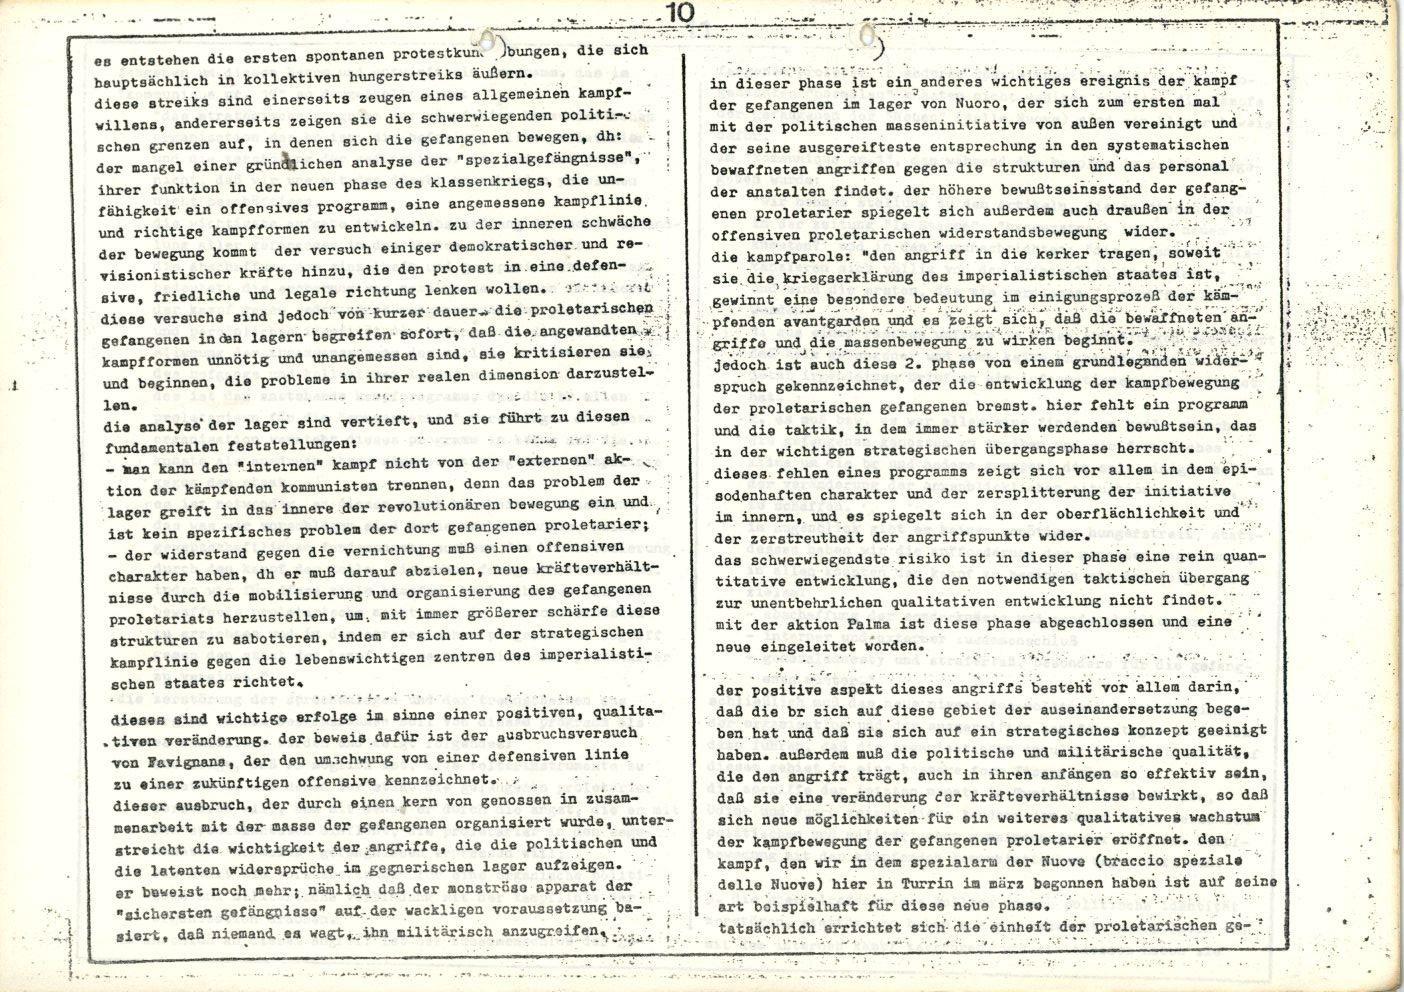 Italien_Brigate_Rosse_1982_Texte_1_25